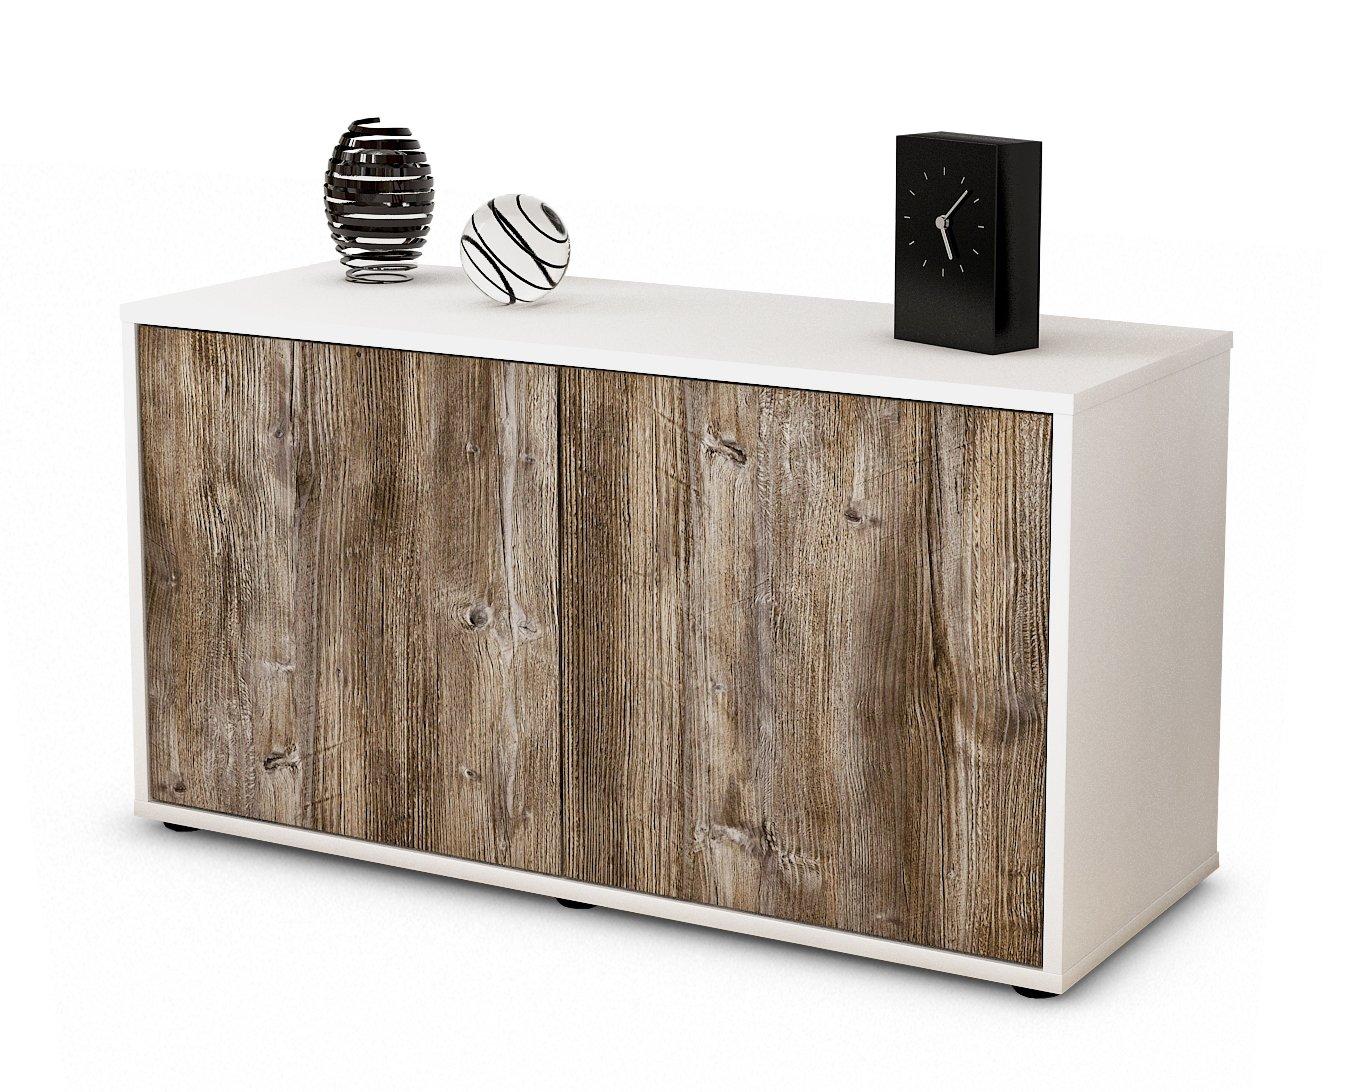 Stil.Zeit Möbel TV Schrank Niedrigboard ADA, Korpus in Weiss Matt/Front im Holz Design Treibholz (92x49x35cm), mit Push to Open Technik, Made in Germany